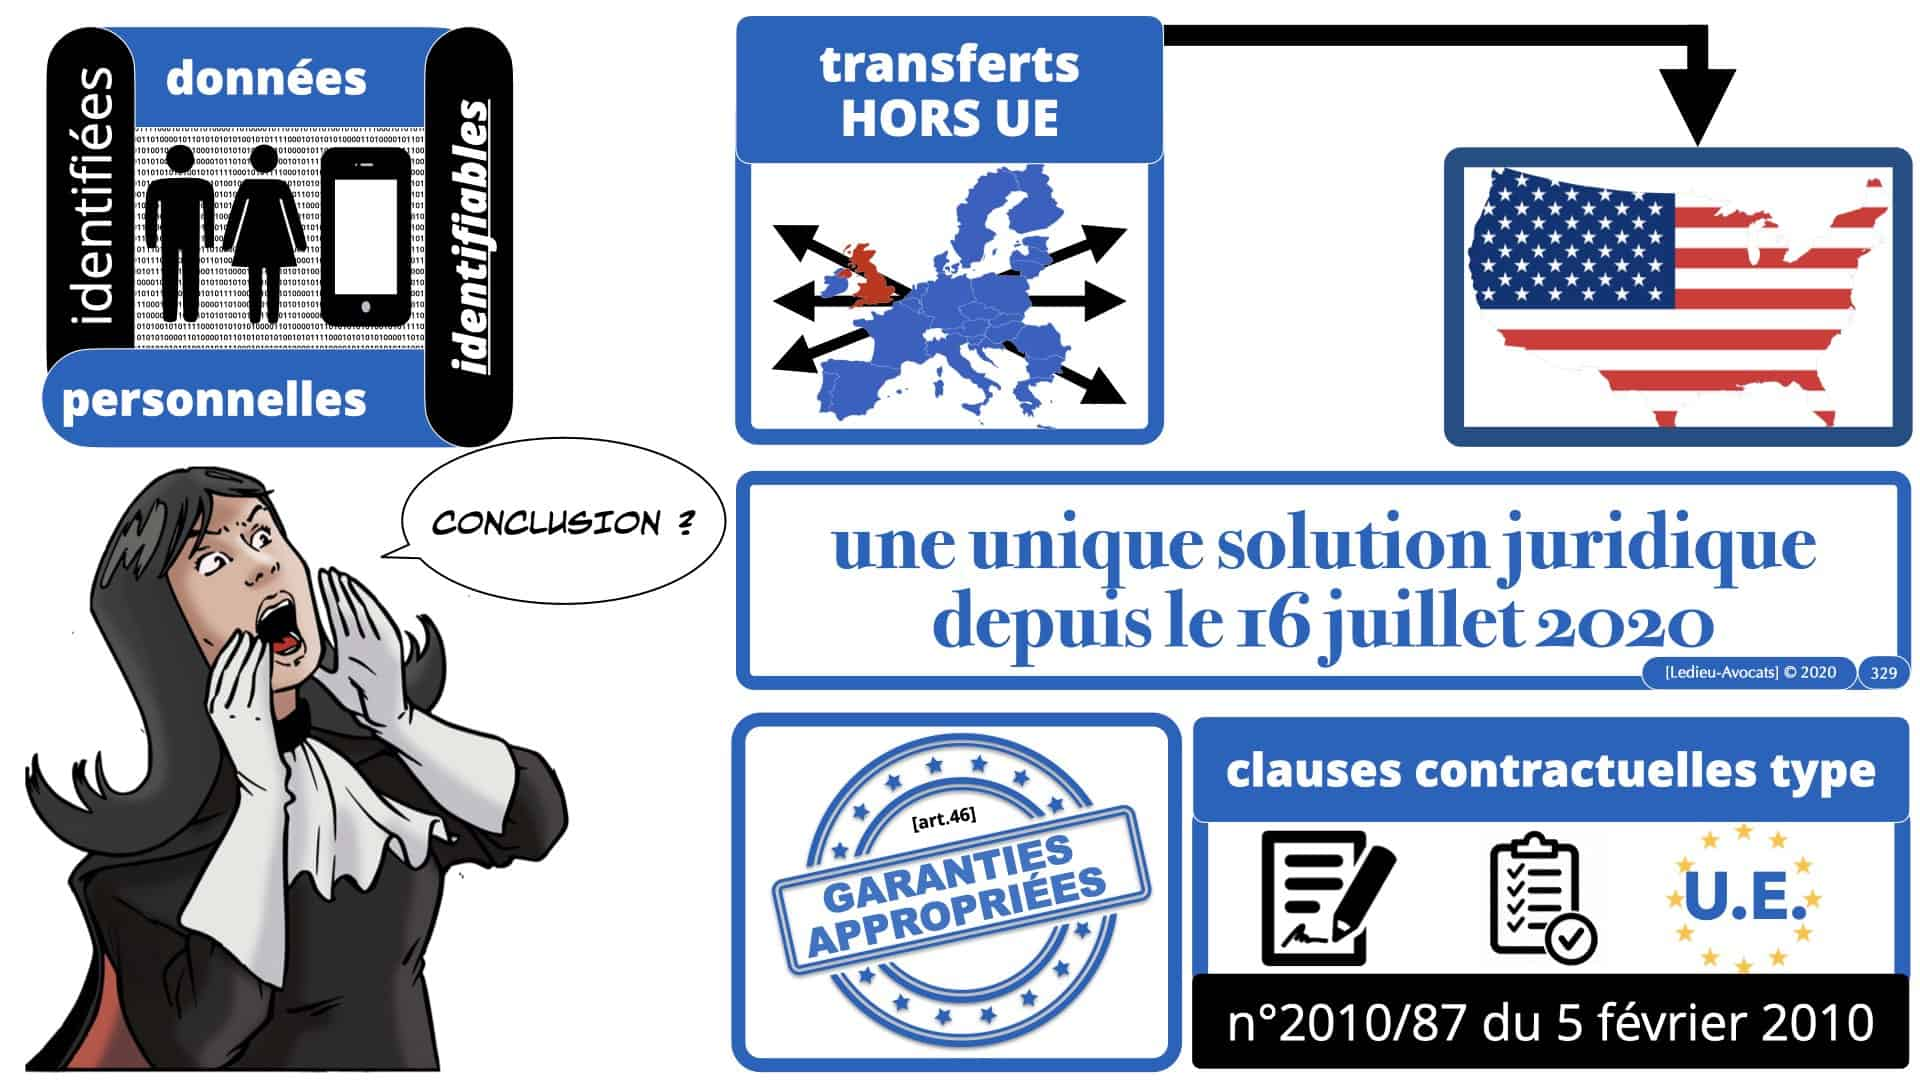 RGPD e-Privacy données personnelles jurisprudence formation Lamy Les Echos 10-02-2021 ©Ledieu-Avocats.329